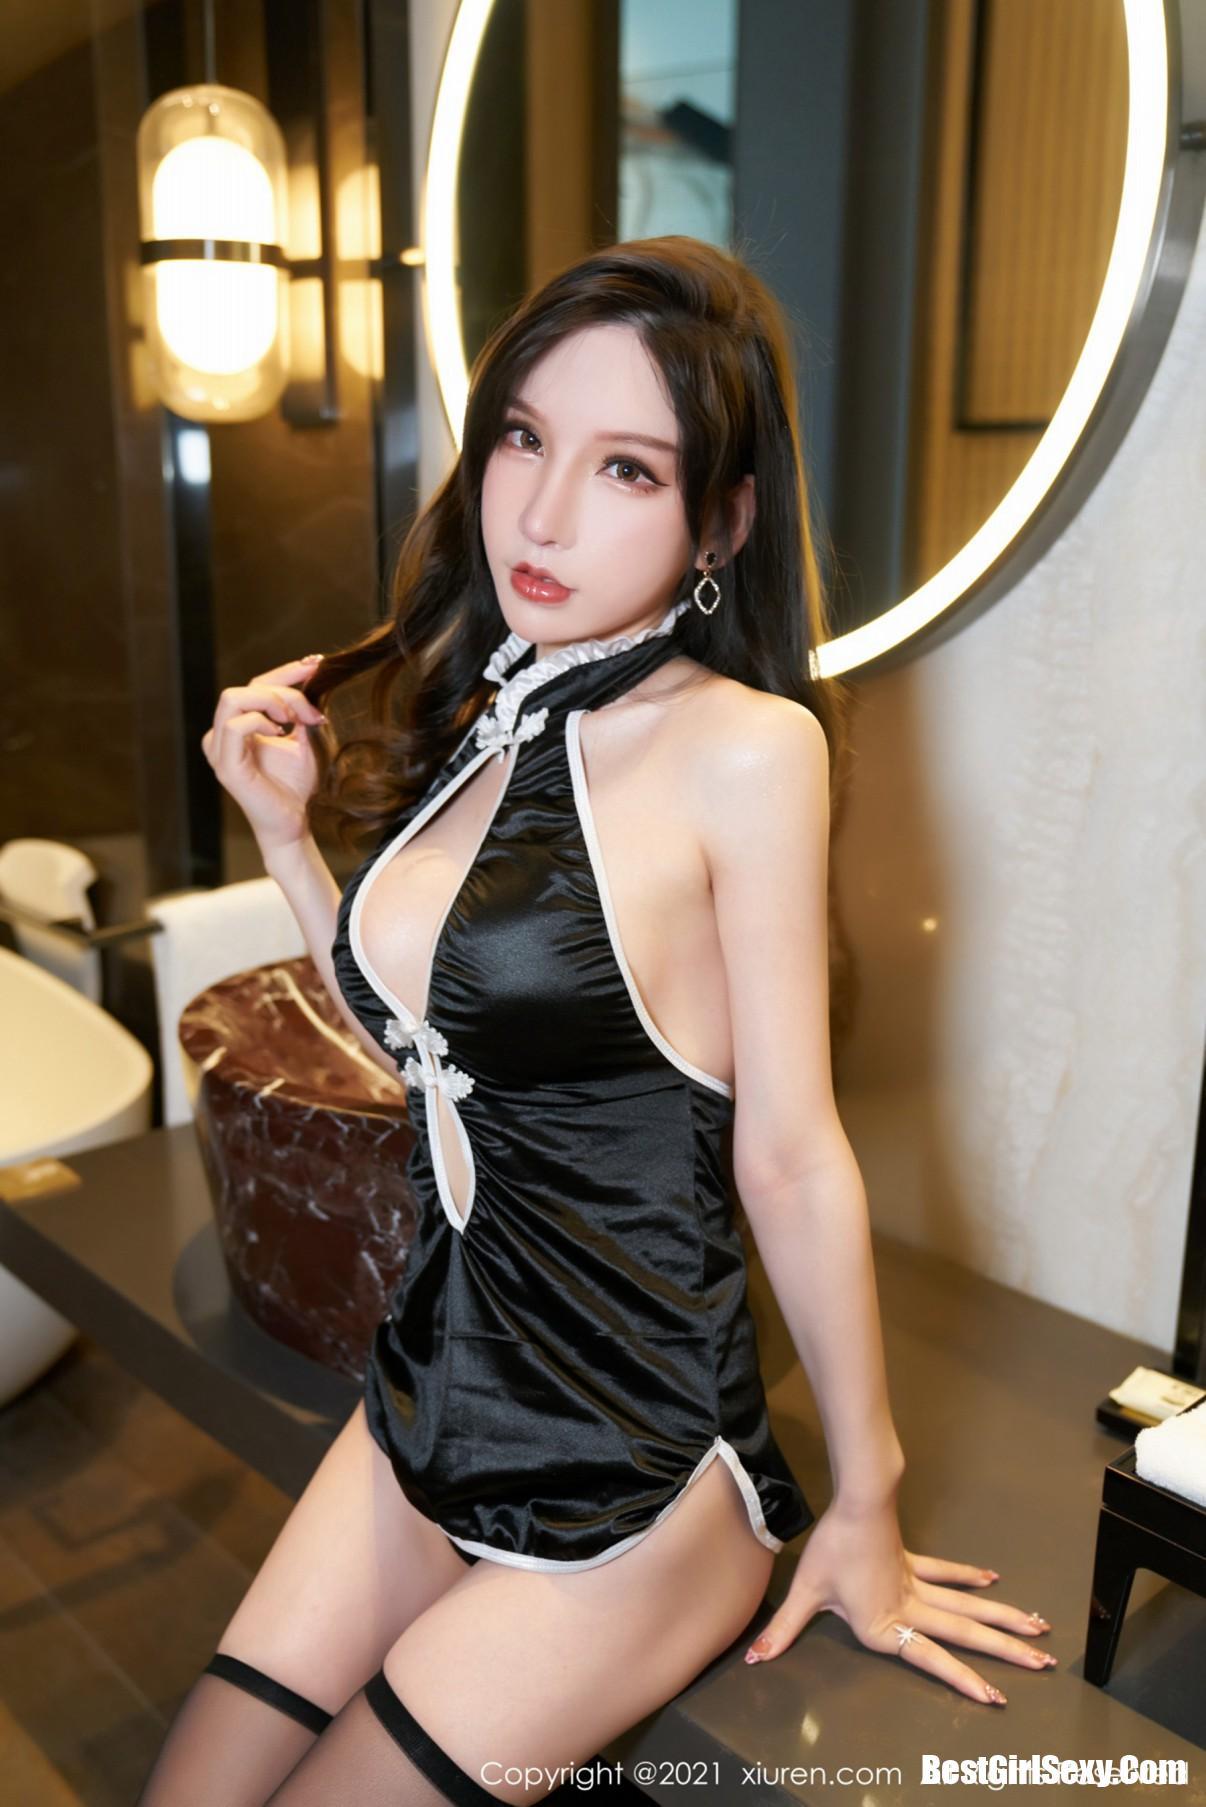 周于希Sandy, Zhou Yu Xi, XiuRen秀人网 No.3426 Zhou Yu Xi, XiuRen秀人网 No.3426